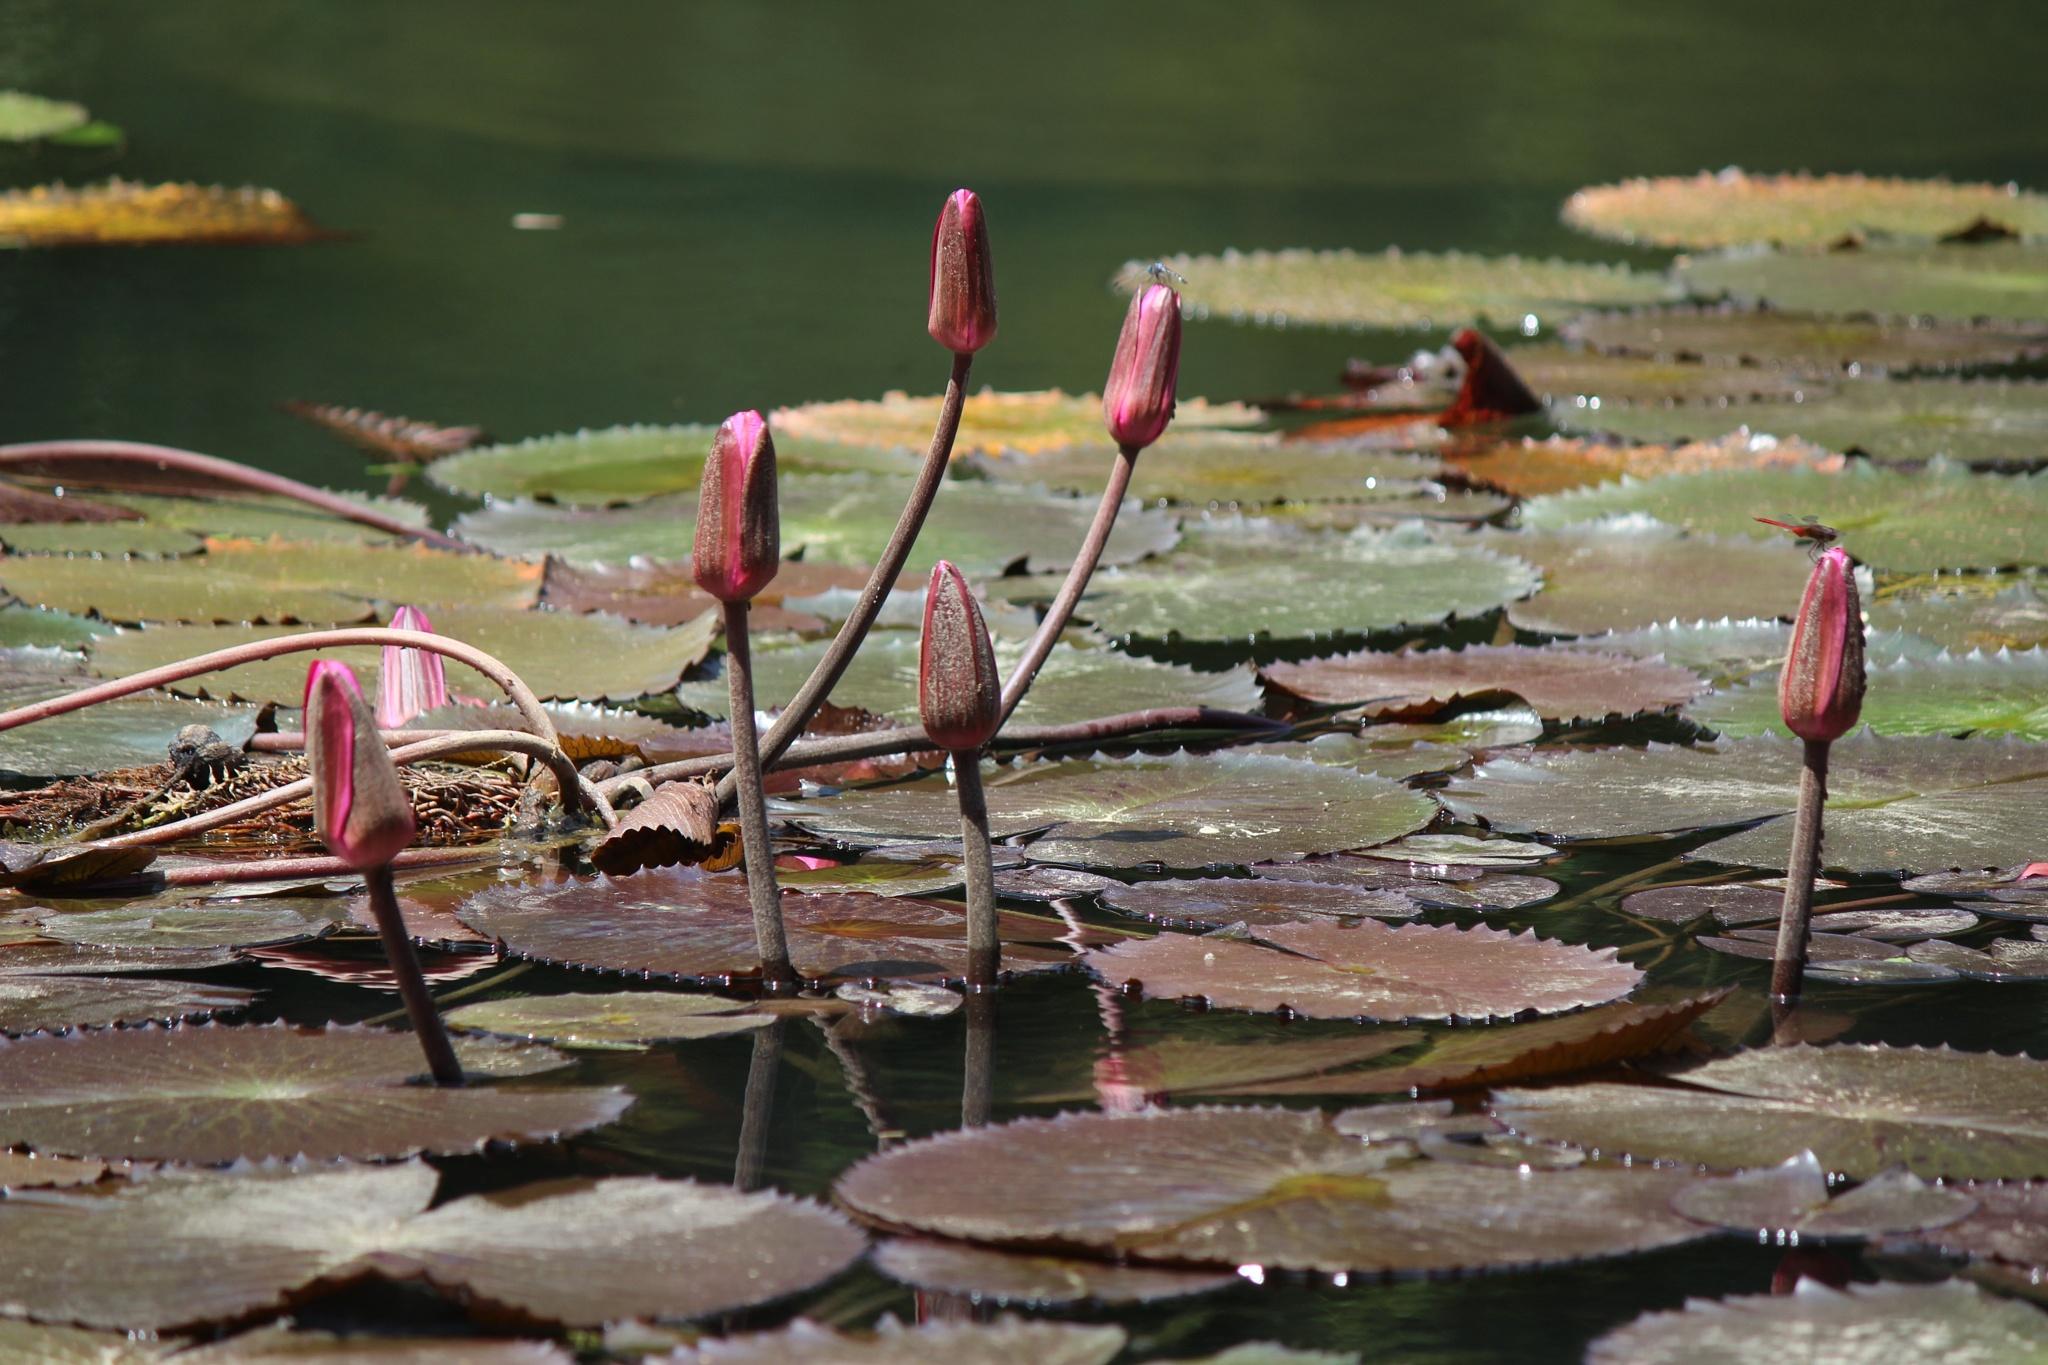 River Flowers by Benedito Luiz Arruda